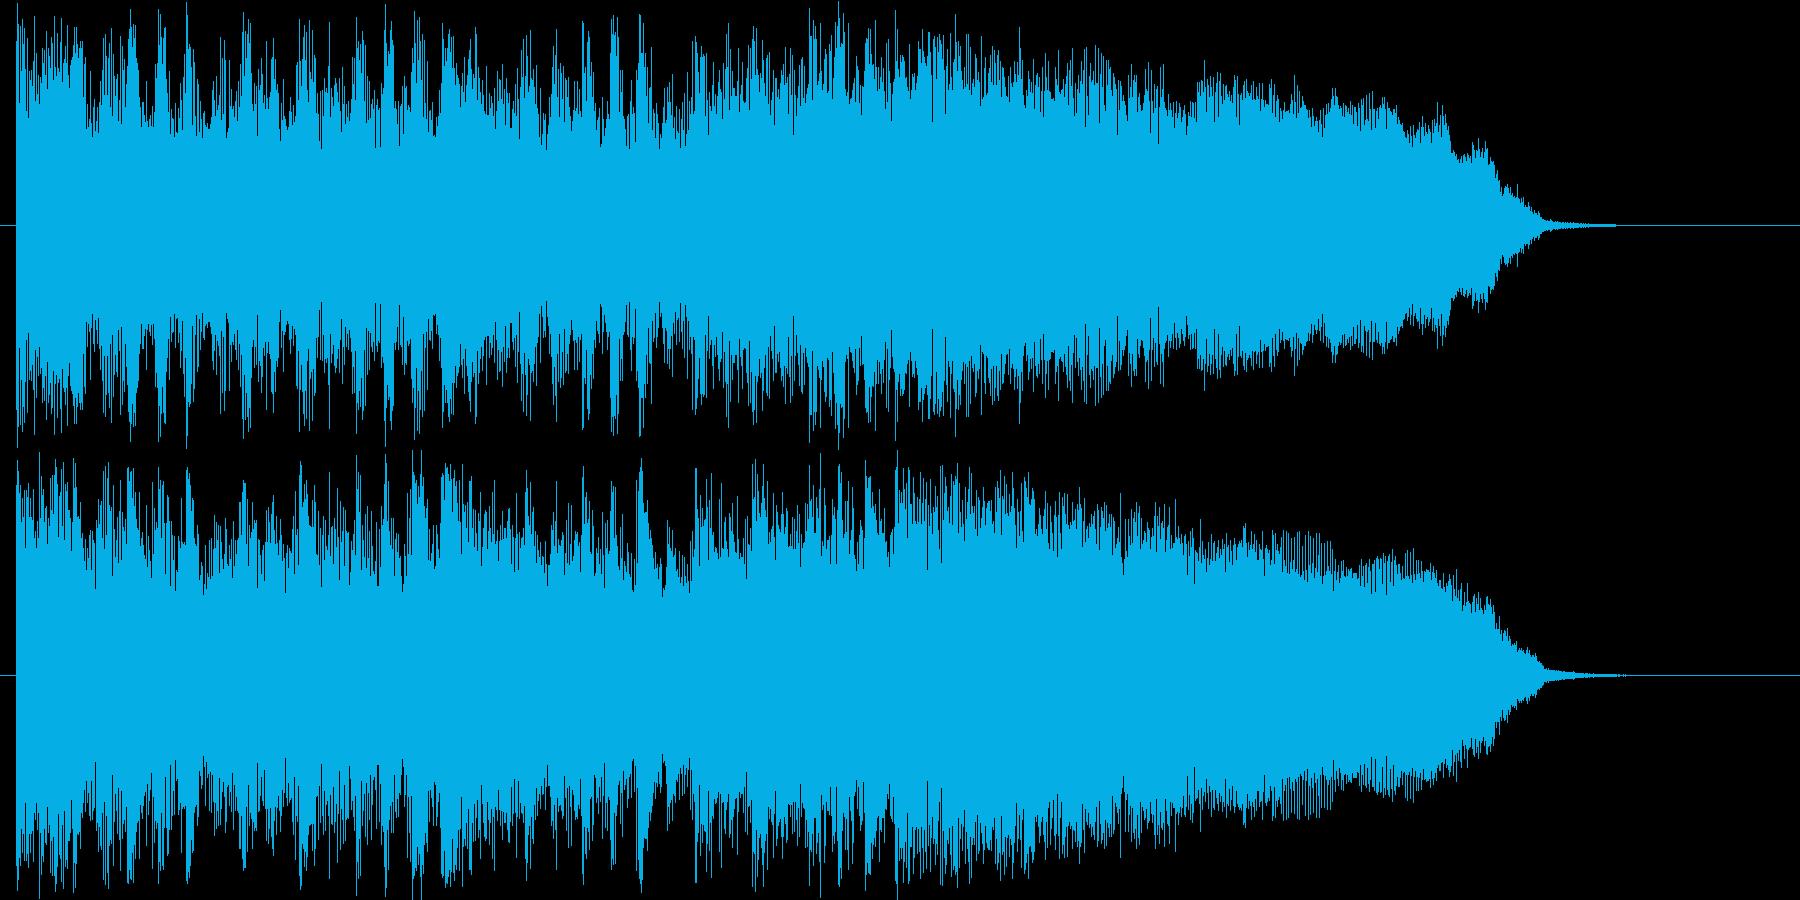 ギターのリフがかっこいいロックなジングルの再生済みの波形